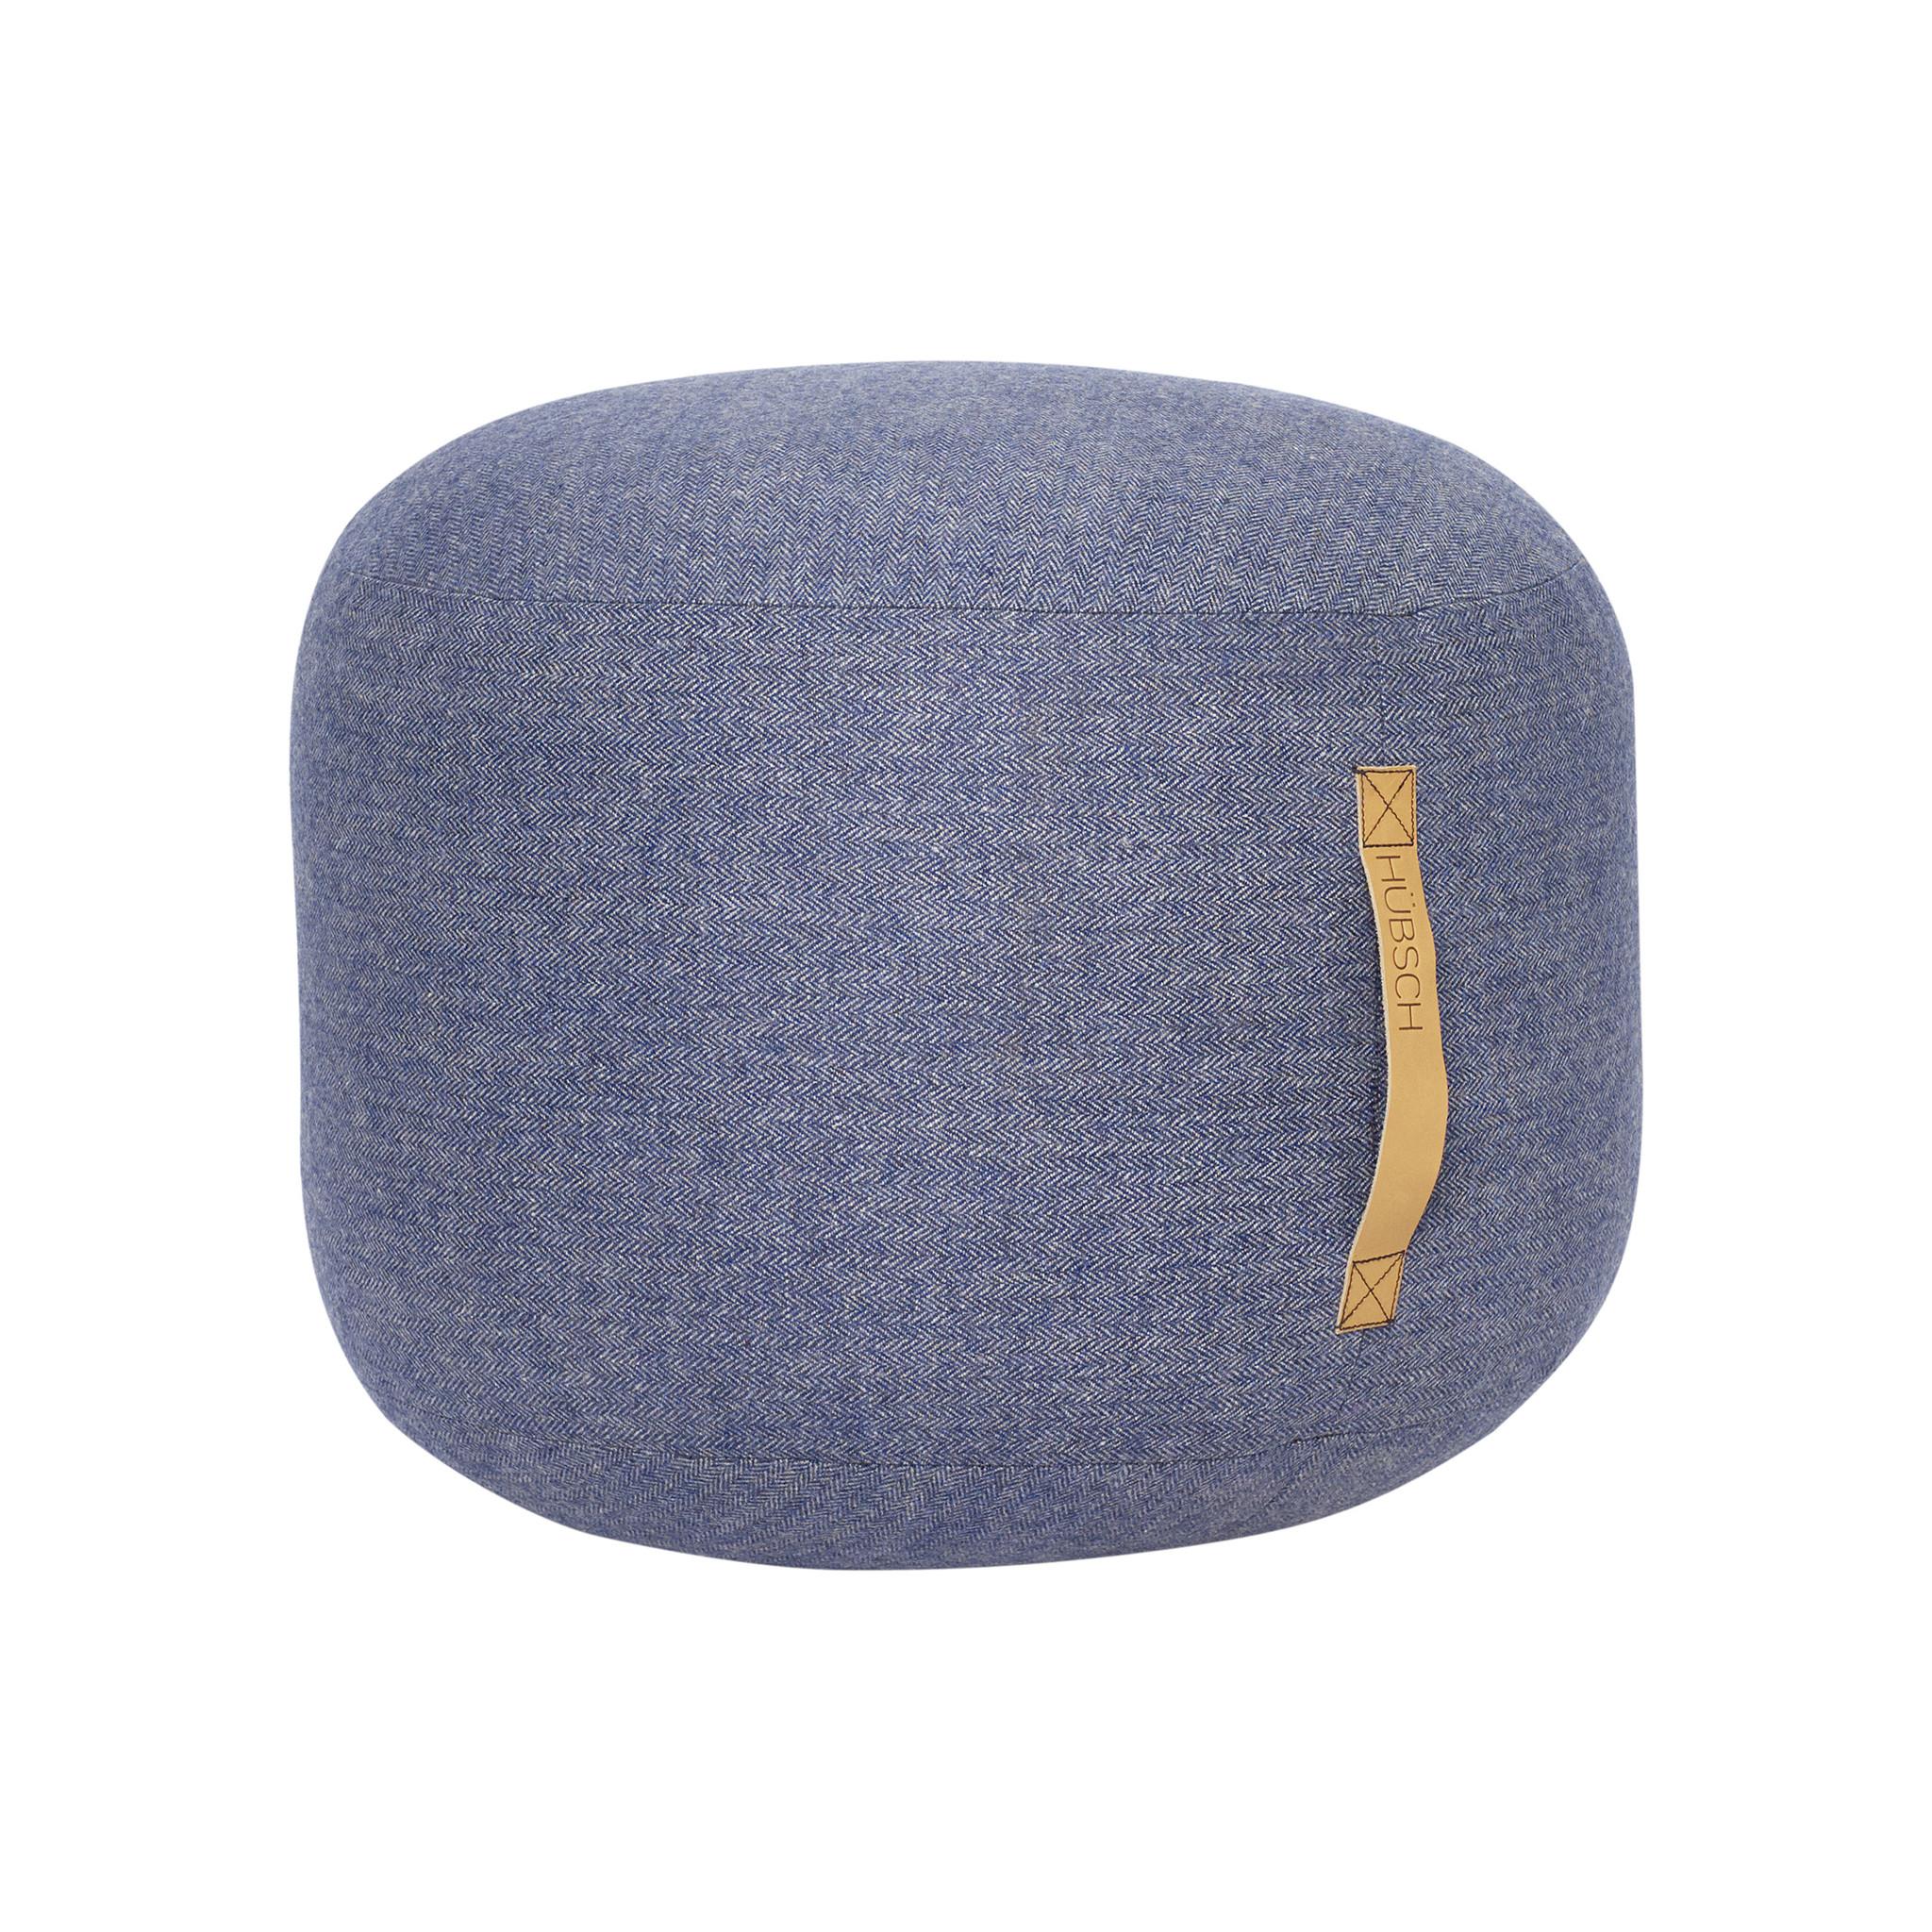 Hubsch Poef met lederen band, visgraat, wol, blauw-700802-5712772067758